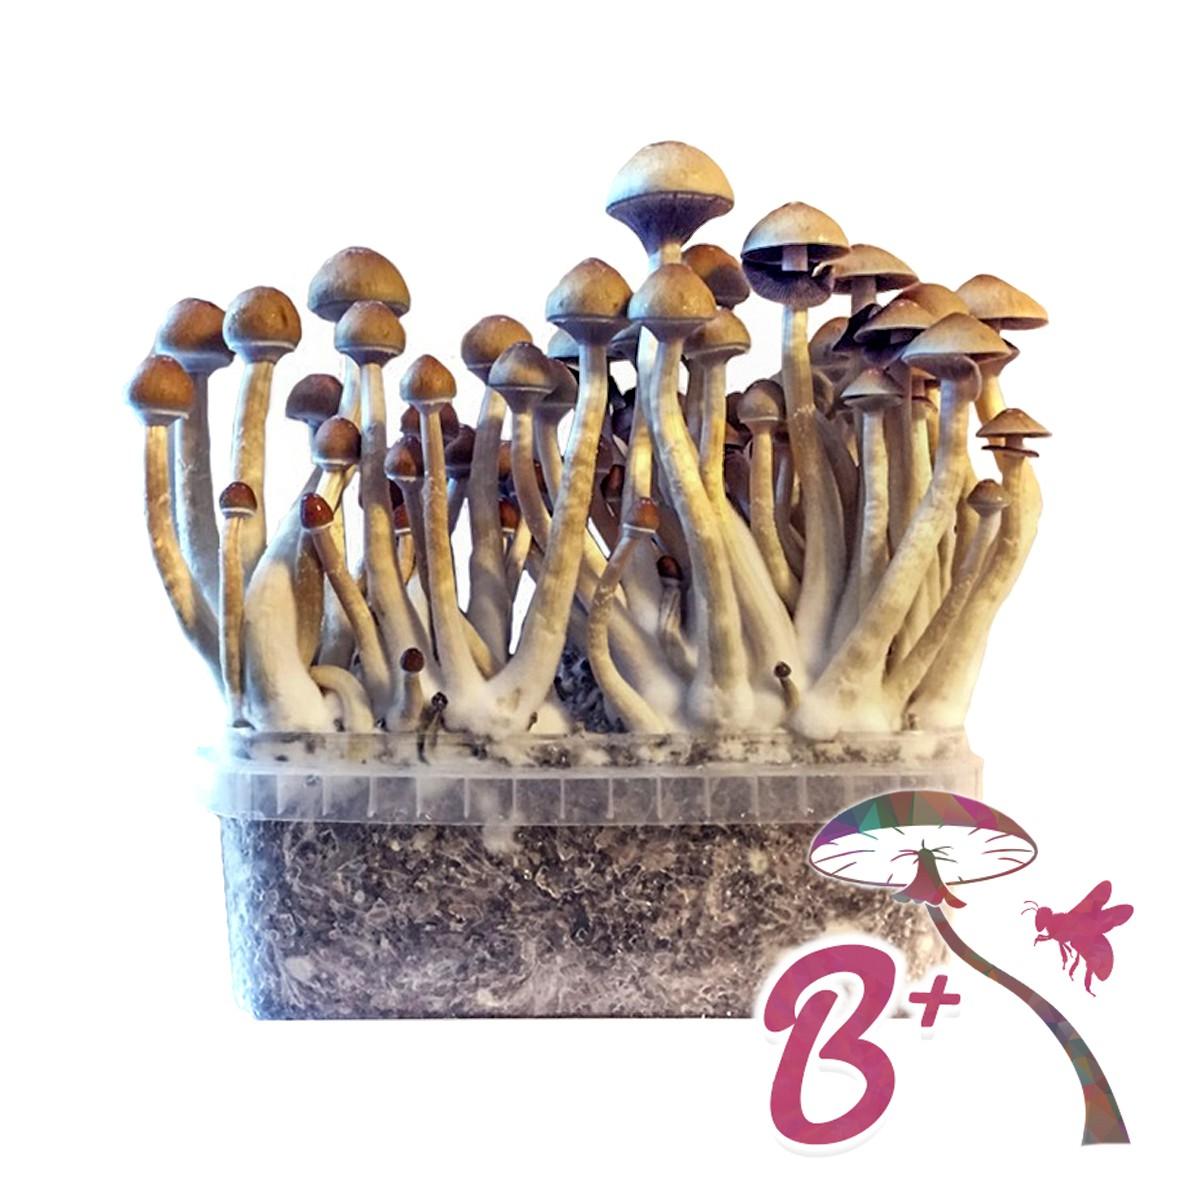 Cubensis B+ - Magic Mushroom Grow Kit 27,95 € Paddo Growkits